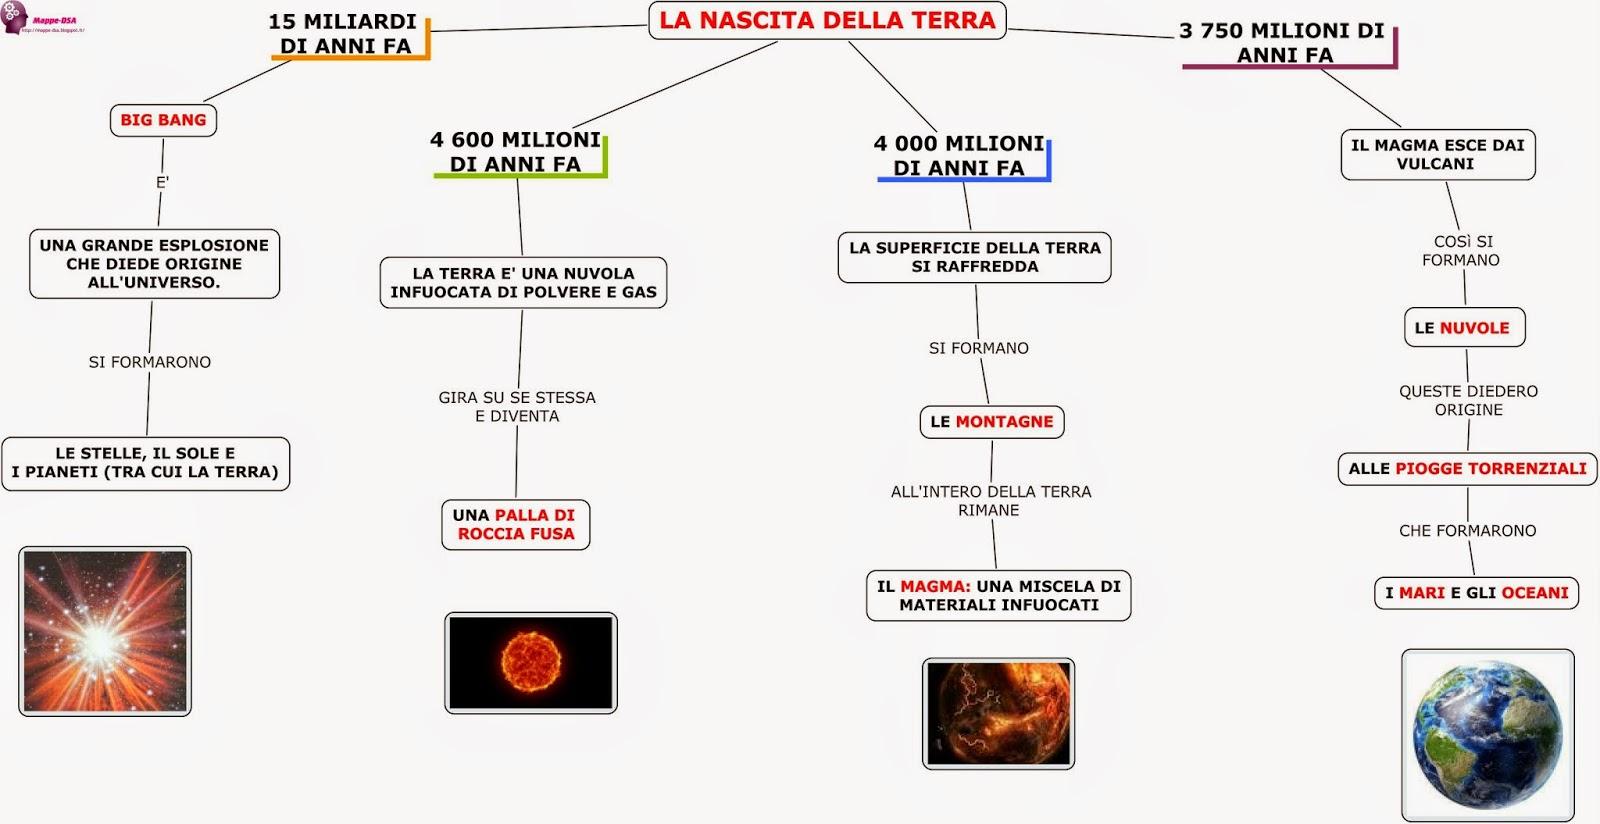 mappa dsa storia big bang terra